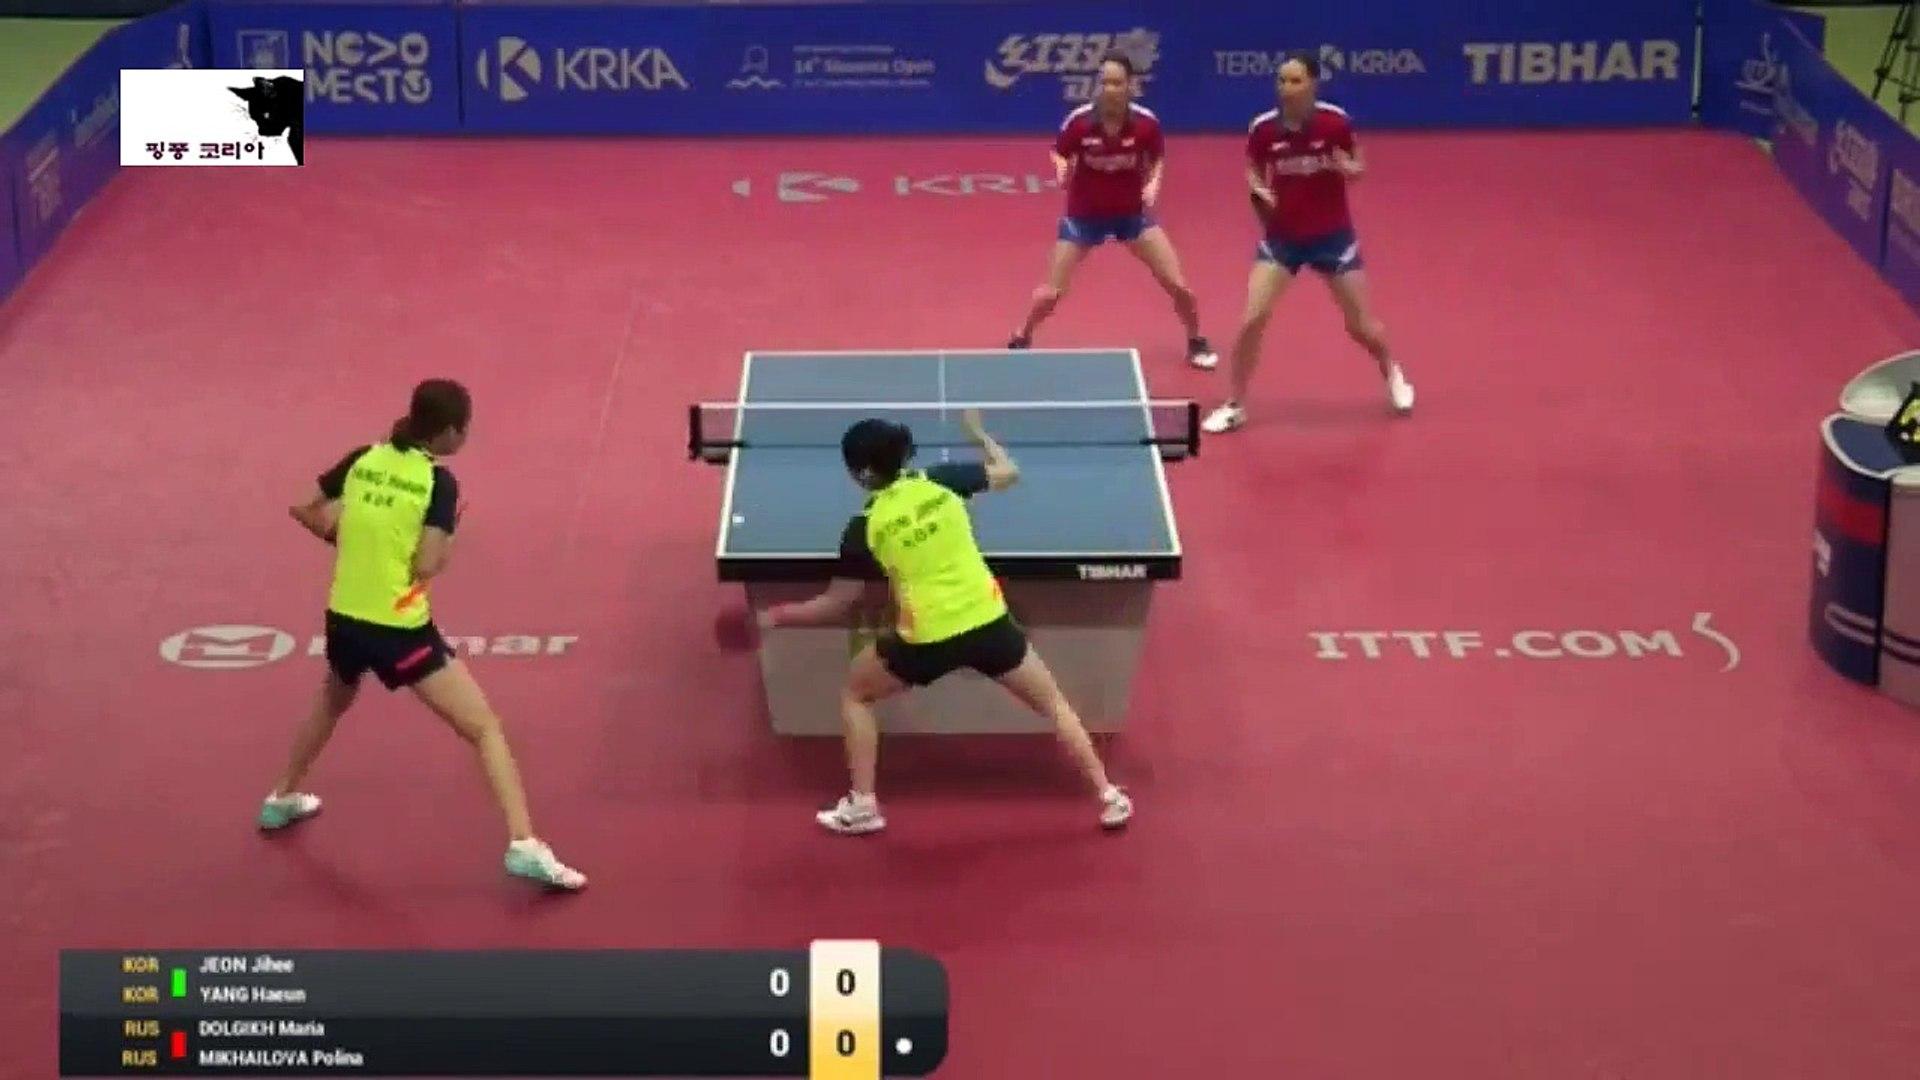 2016 슬로베니아오픈탁구 결승 전지희,양하은 Slovenia Open Jeon Jihee Yang Haeun vs Maria Dolgikh Polina Mikhailova Fin